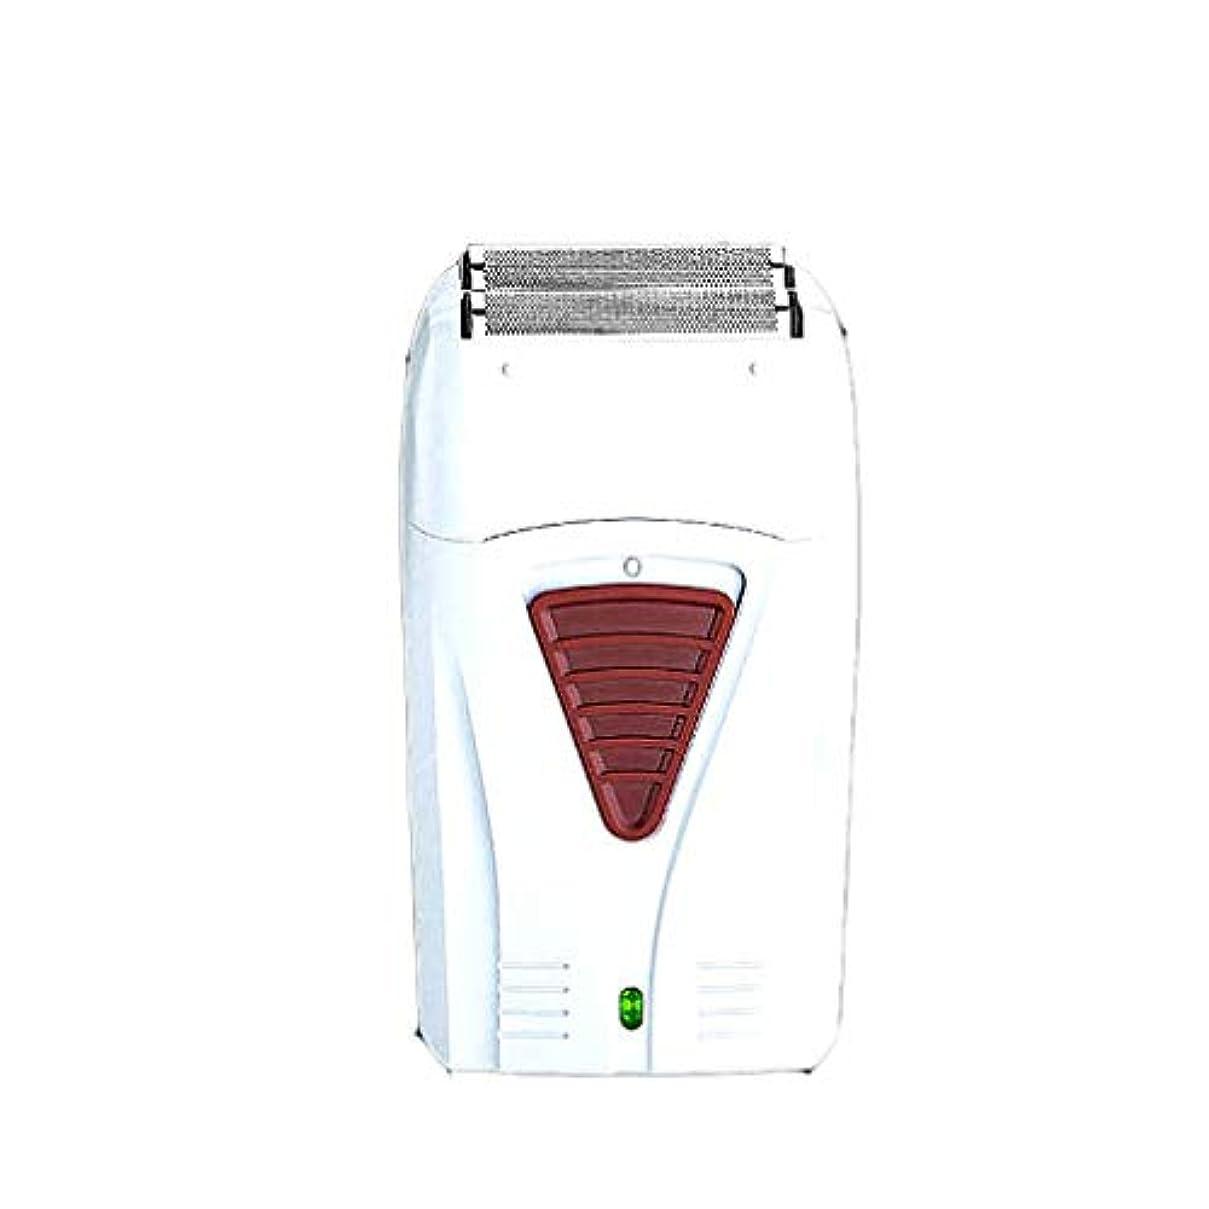 鎮静剤強打匹敵します等高線のベニヤは、シェービング充電式電気はホワイト髪クリッパークラシックレシプロ式ダブルヘッドレイザーを押してSMOOTH